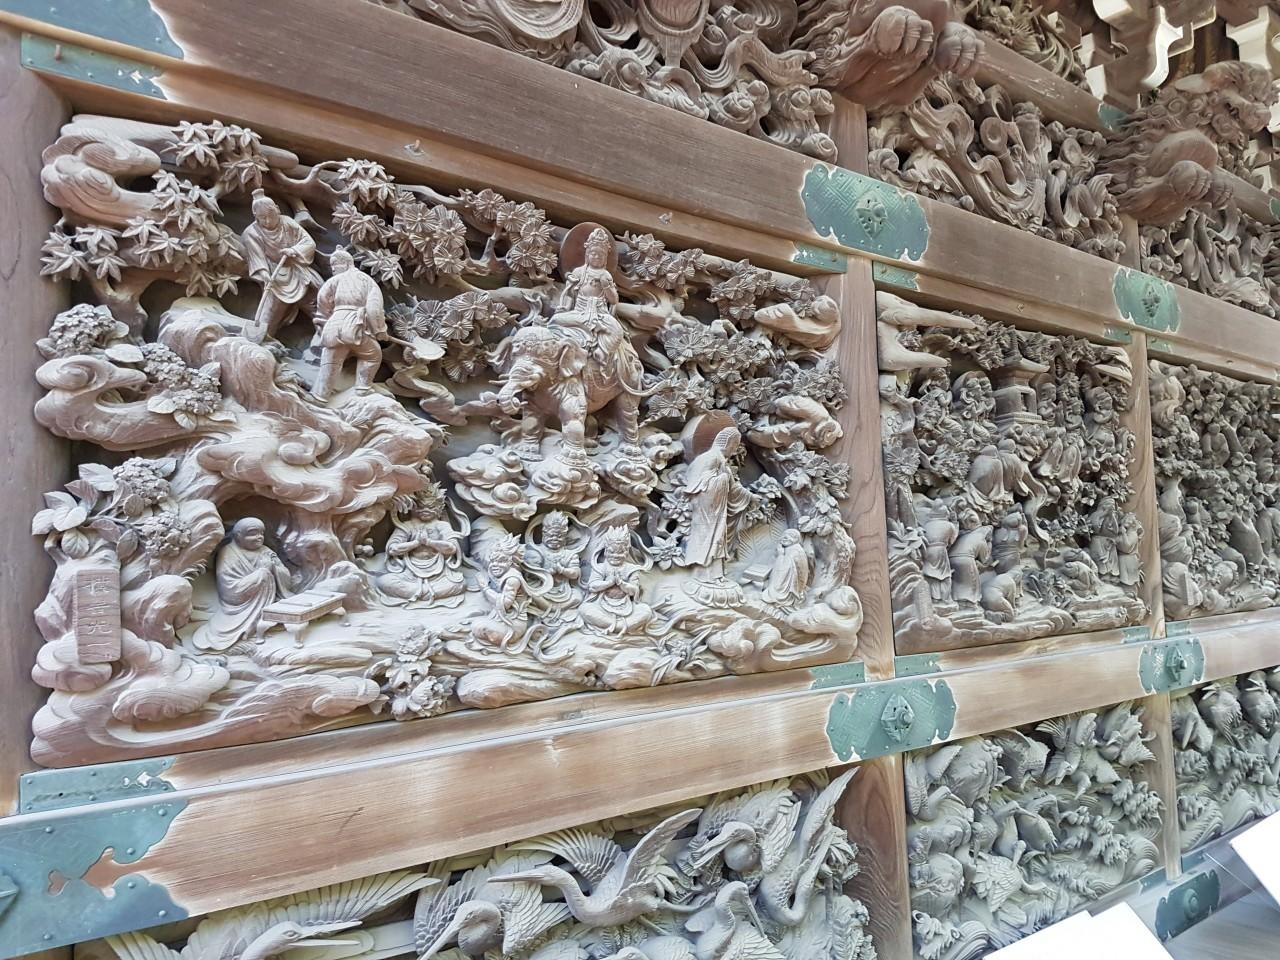 インドでの修行の様子を表した彫刻